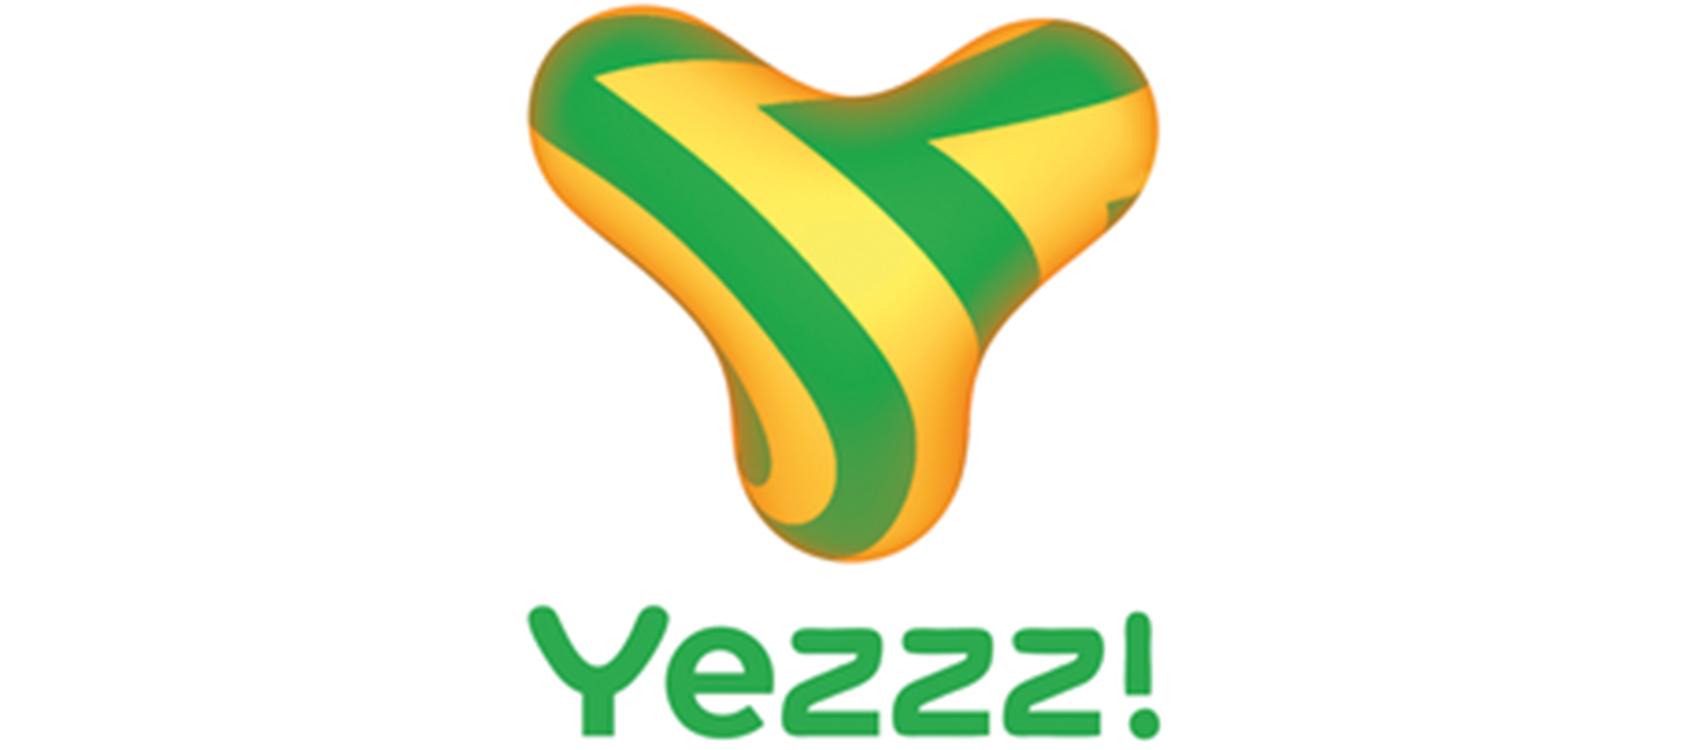 Yezzz!